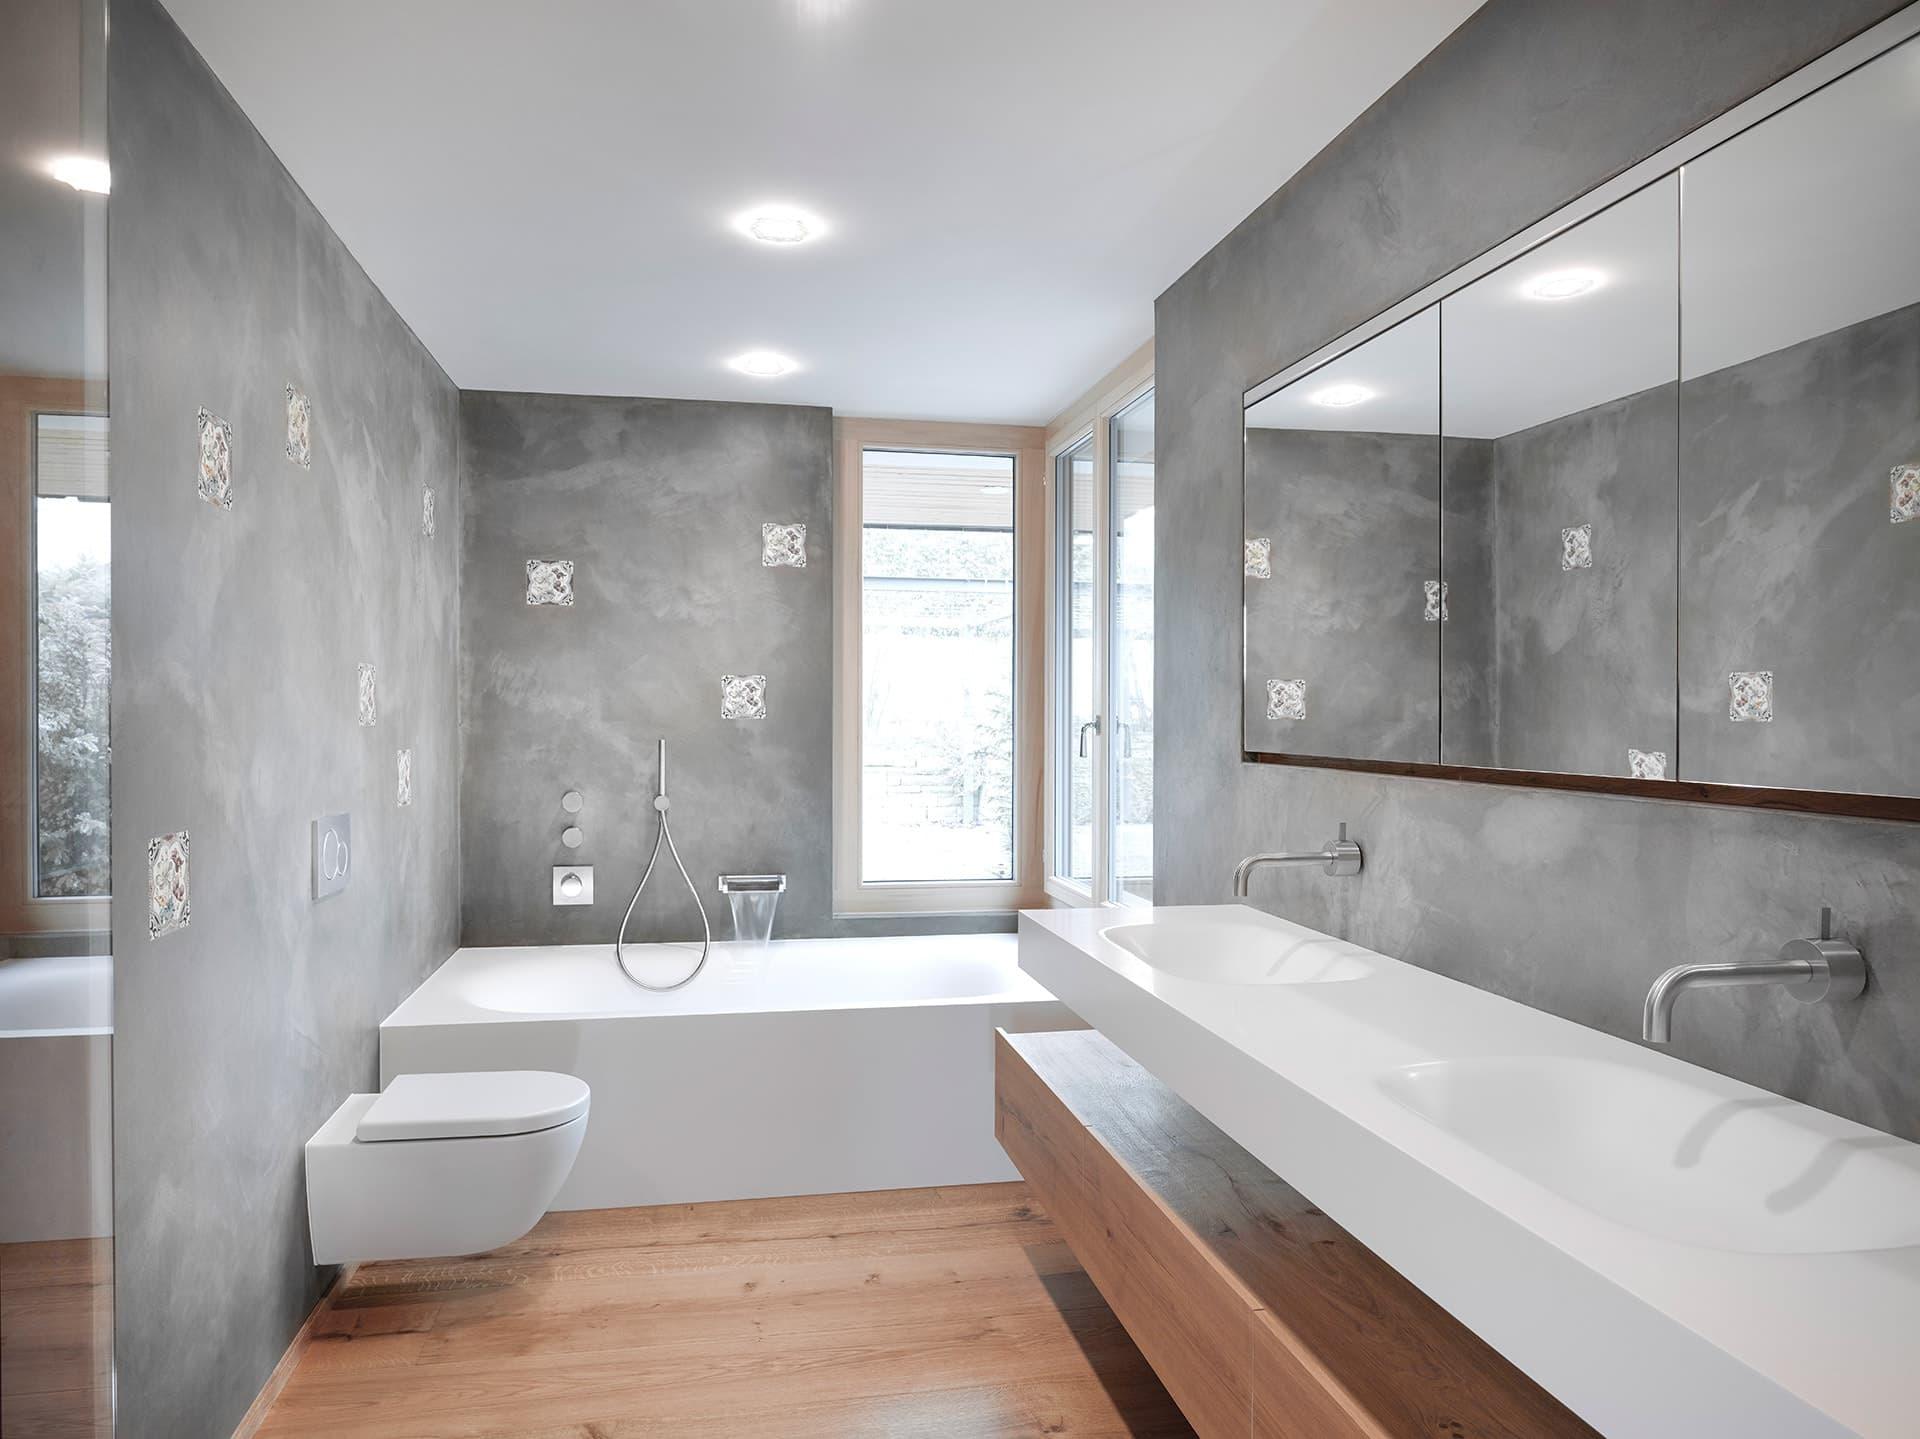 venuti-architects_CF003336-1